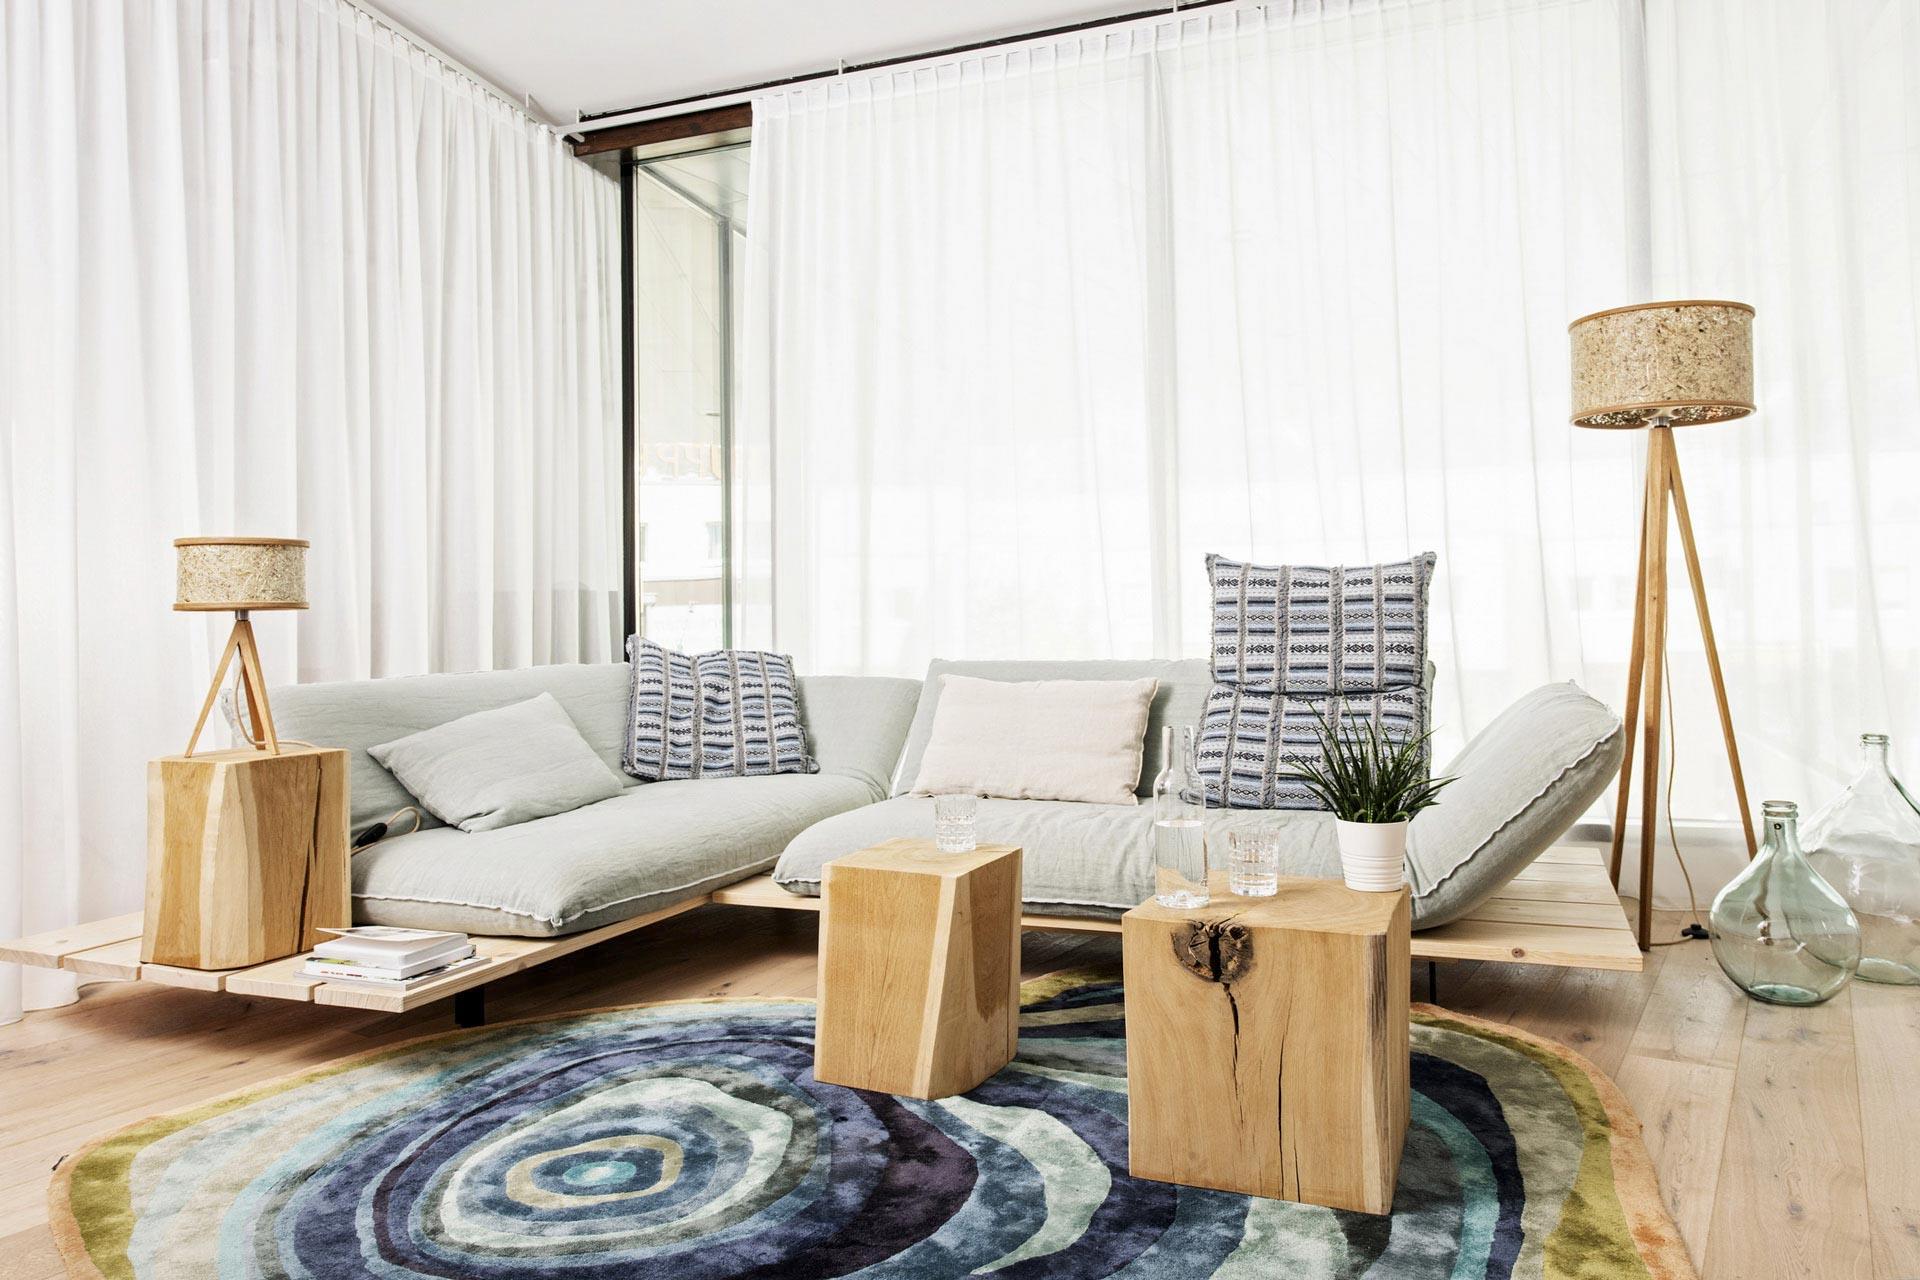 couchzone - Interior Design Innsbruck - Design Einrichtung